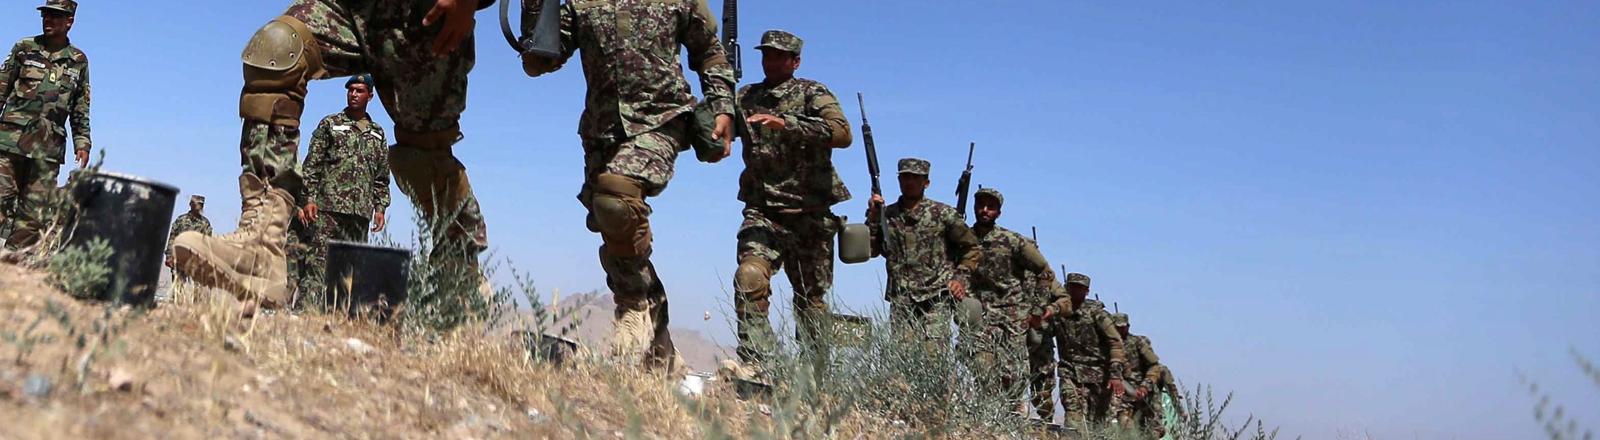 Afghanische Soldaten marschieren bei einer Übung in Herat (Afghanistan)